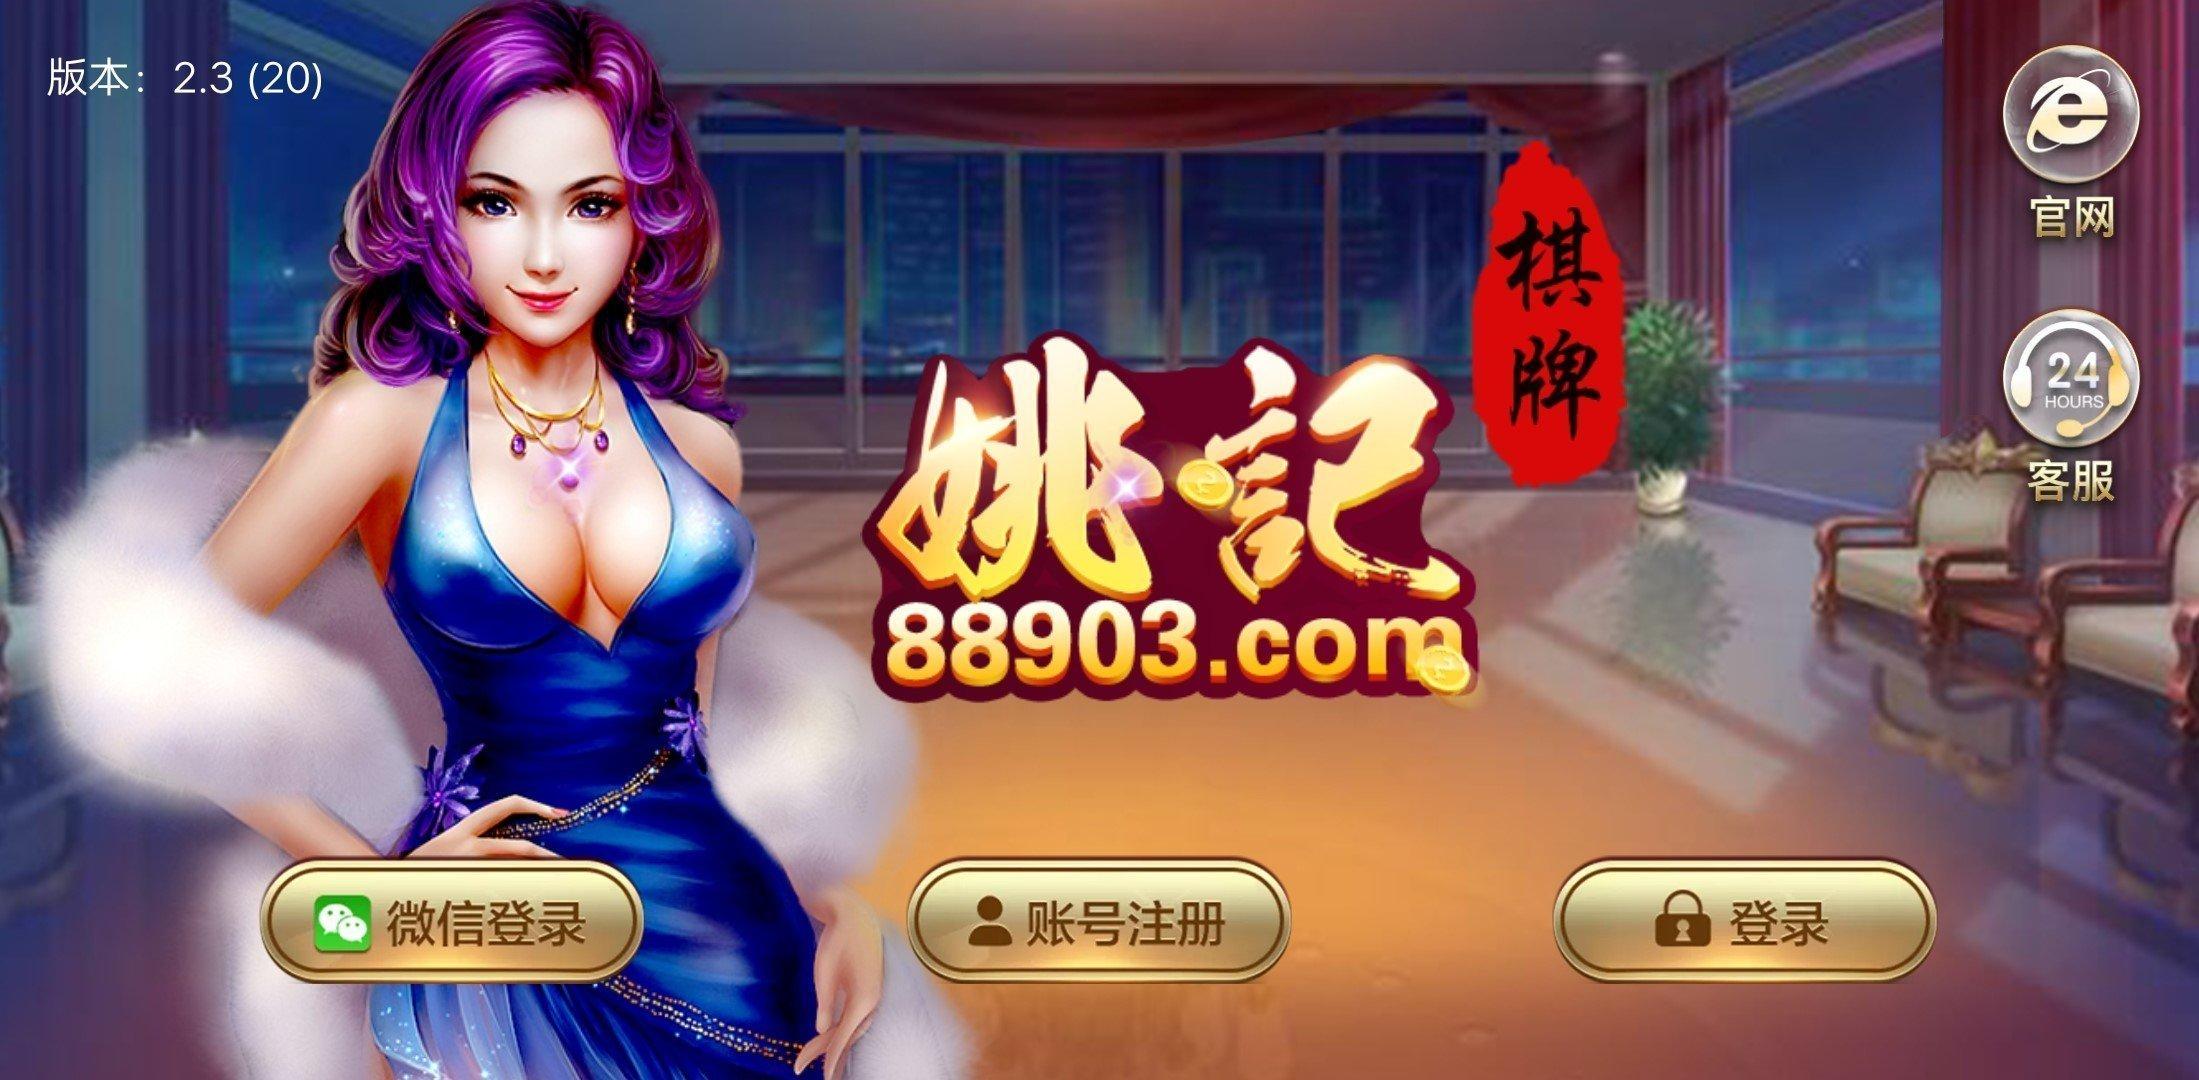 姚记棋牌2020 v4.0